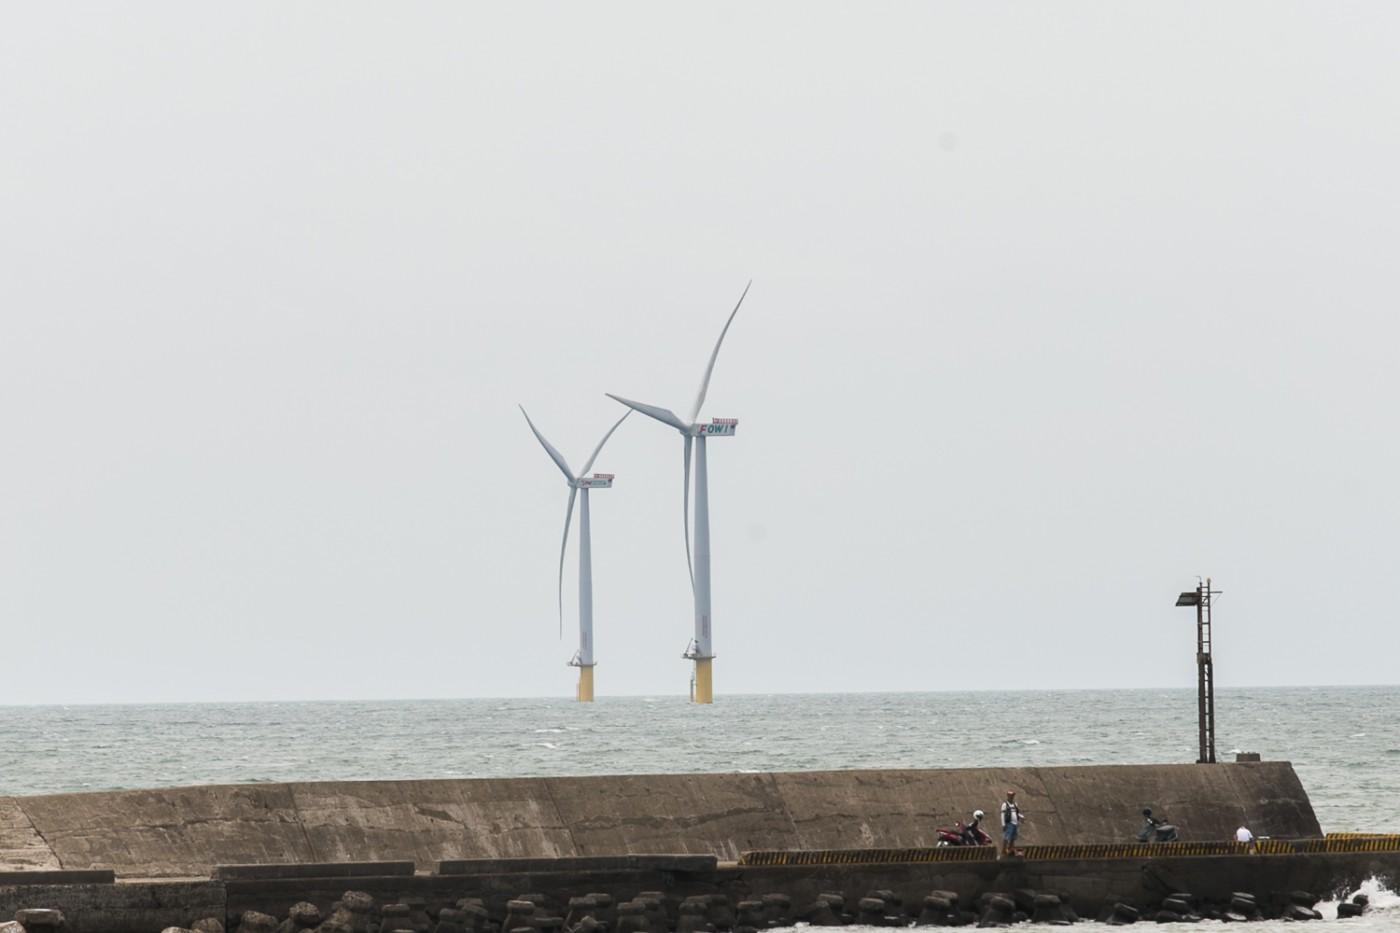 氣跑外商?離岸風電躉購費率擬砍12%到5.1元掀反彈聲浪